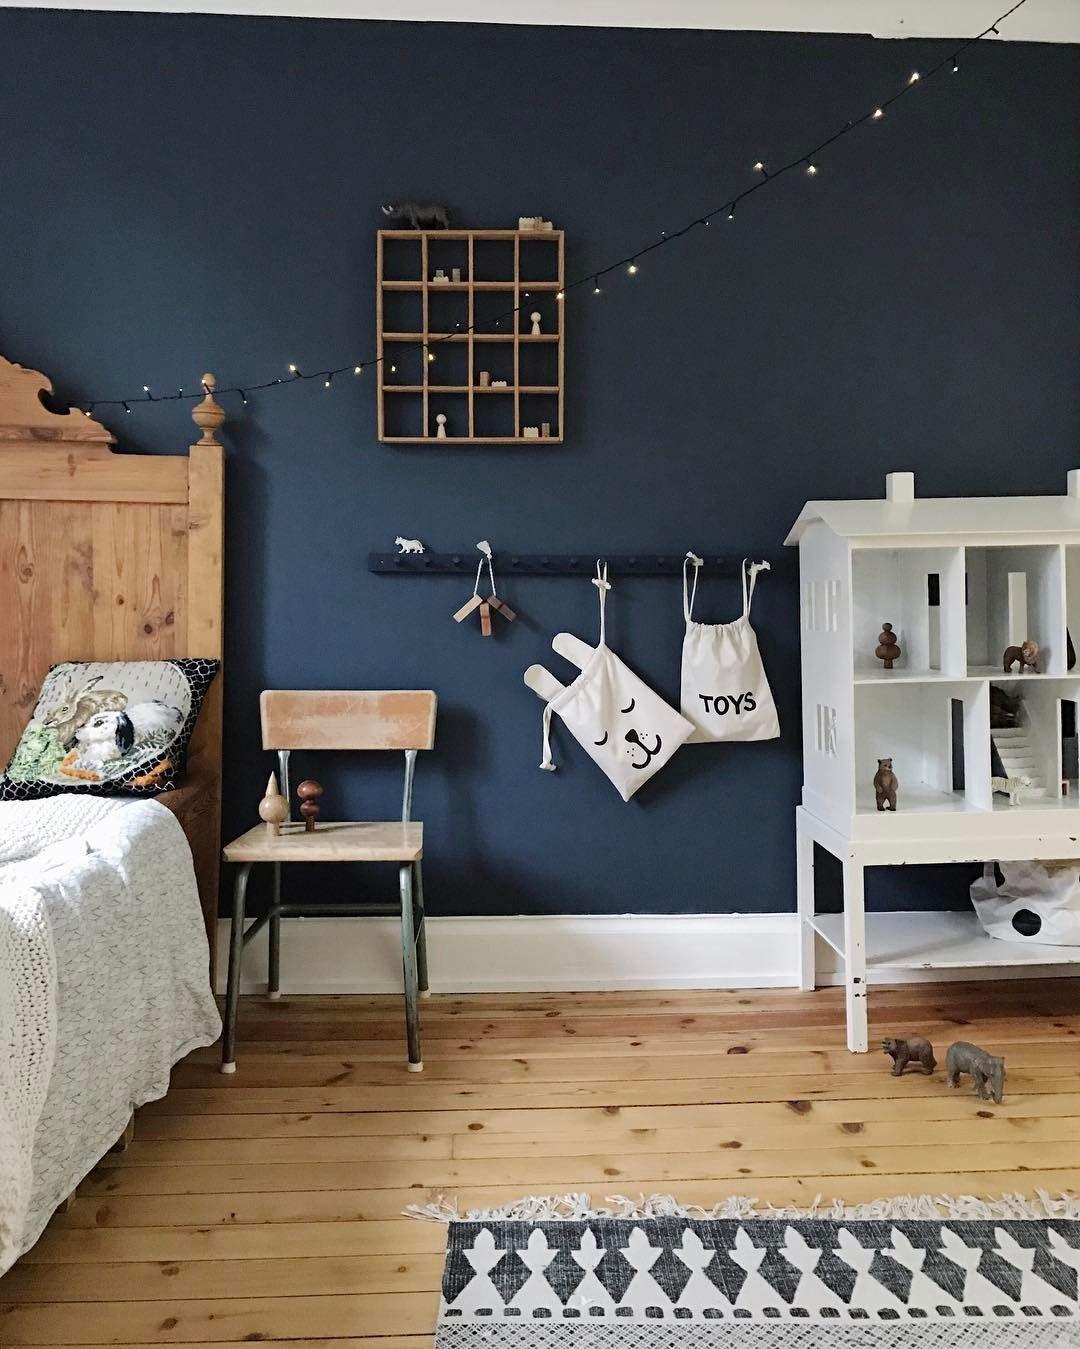 Tellkiddo habitaciones infantiles y dormitorios para - Habitaciones decoradas para ninos ...